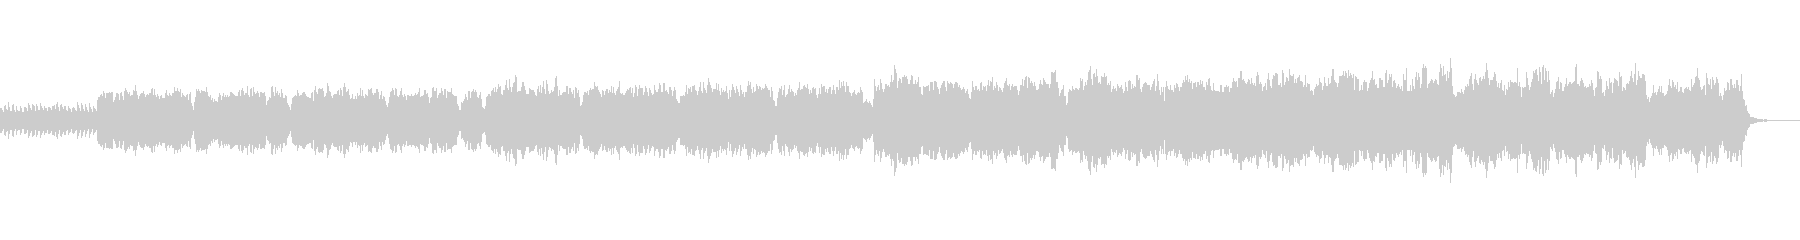 フルートとハープシコードの幻想曲の未再生の波形